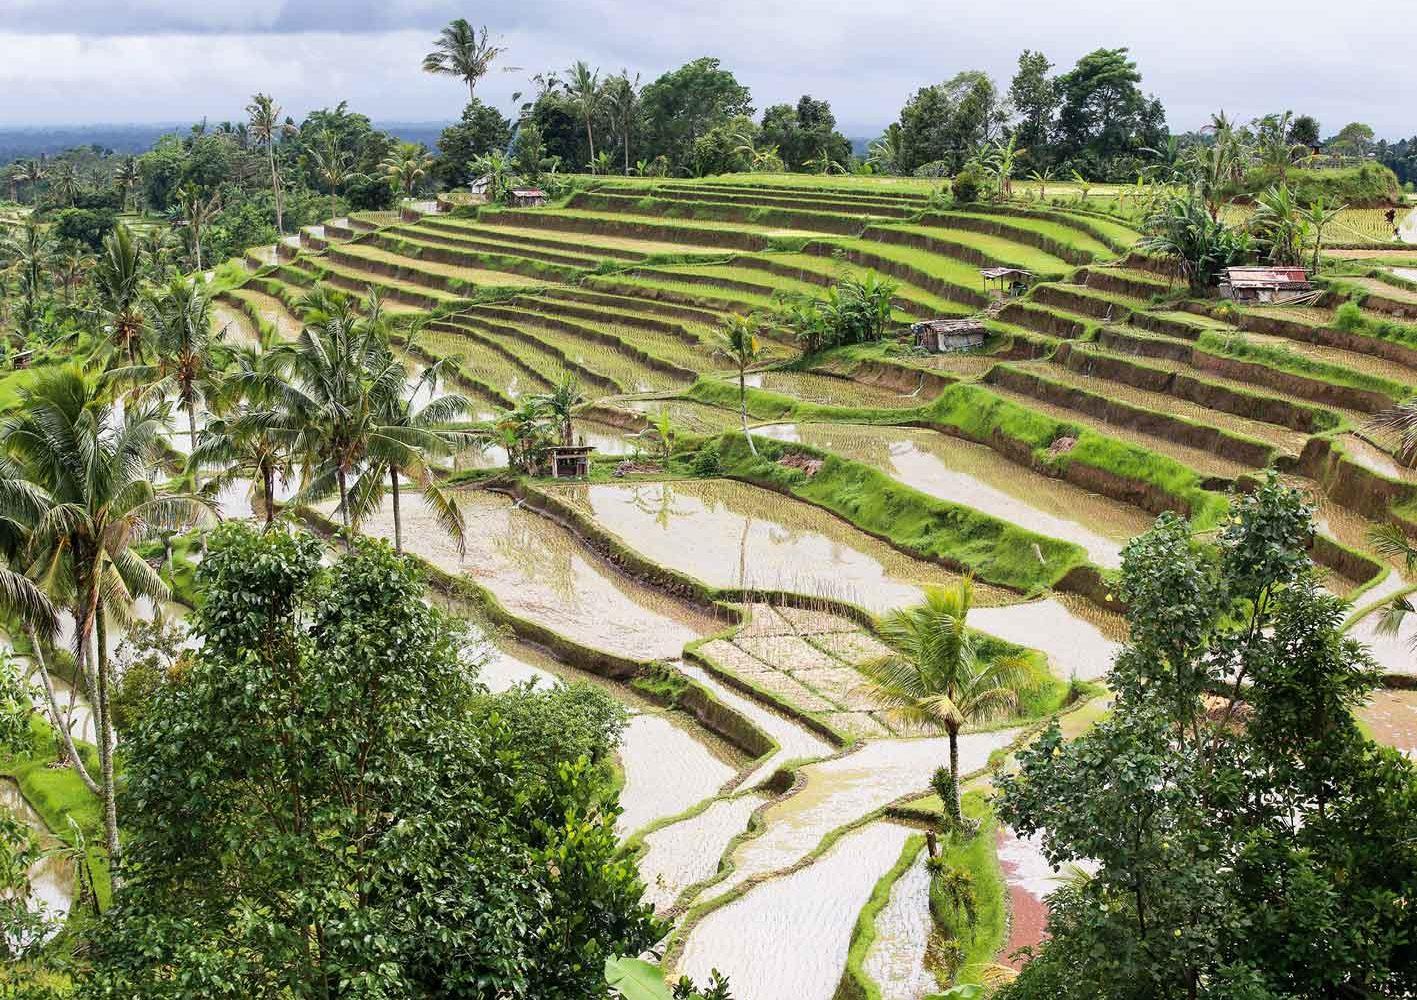 Wanderung entlang von Reisfeldern auf Bali, Indonesien